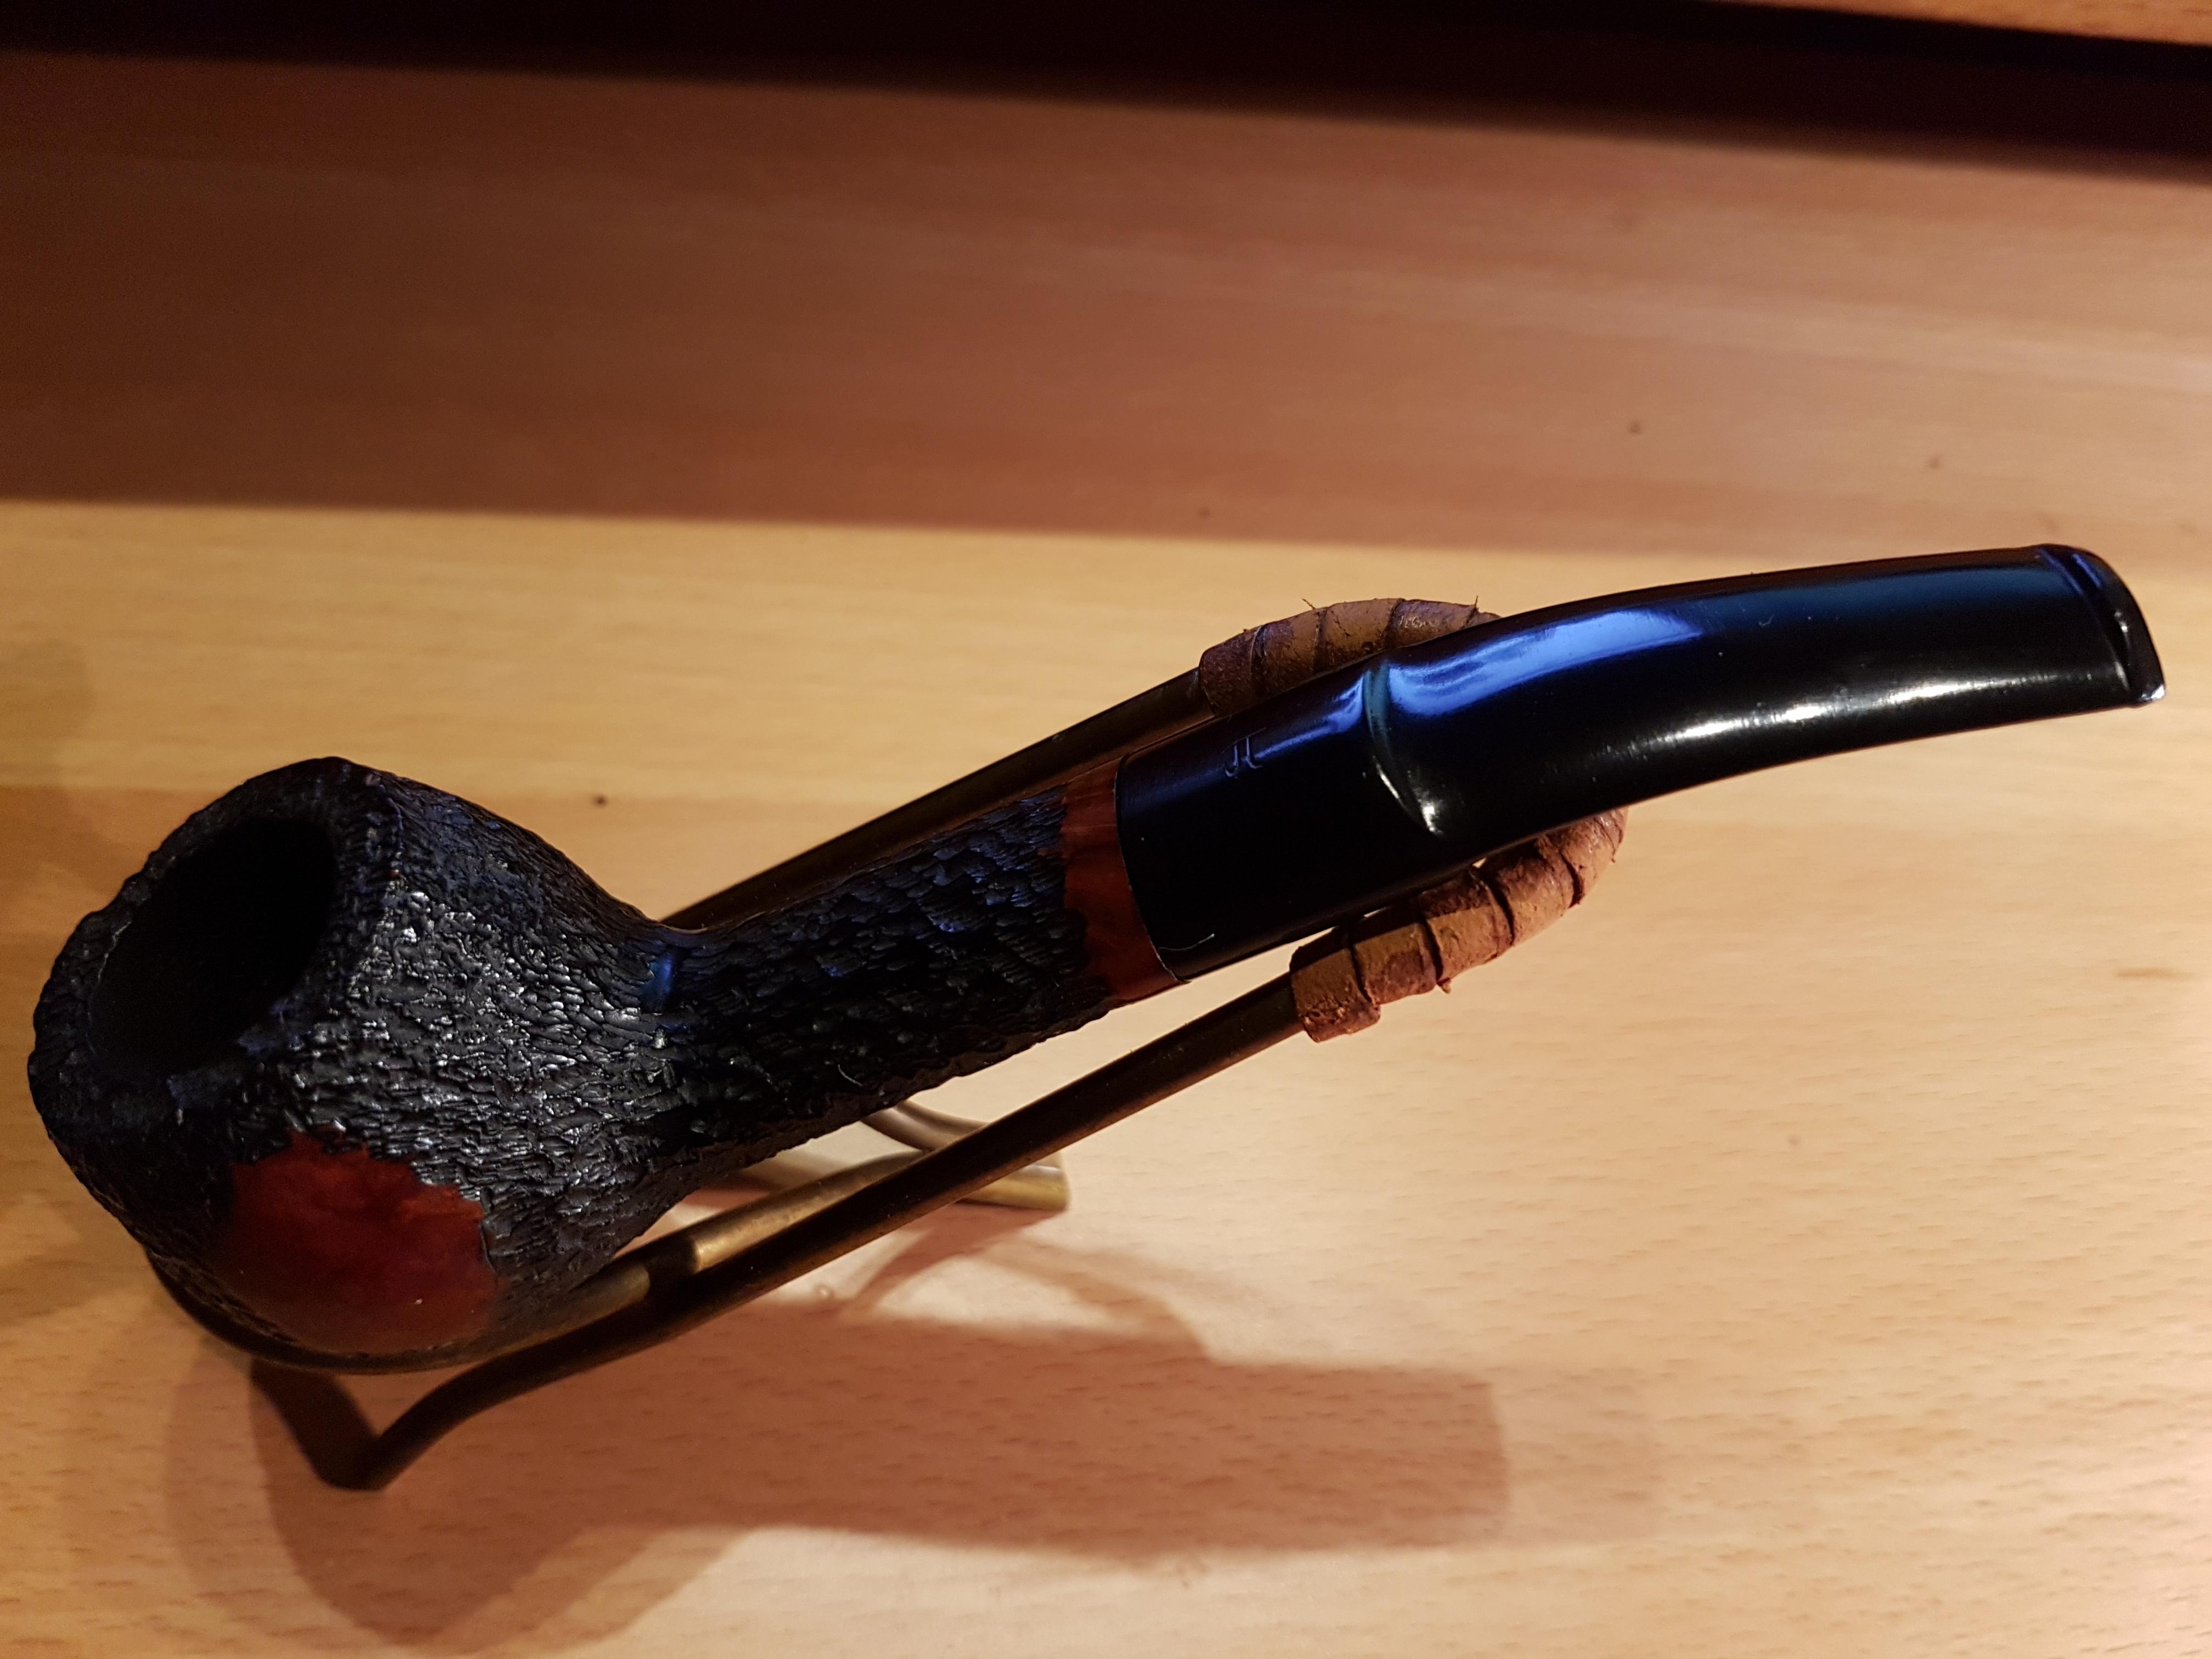 Pæne renoverede piber fra Fumo